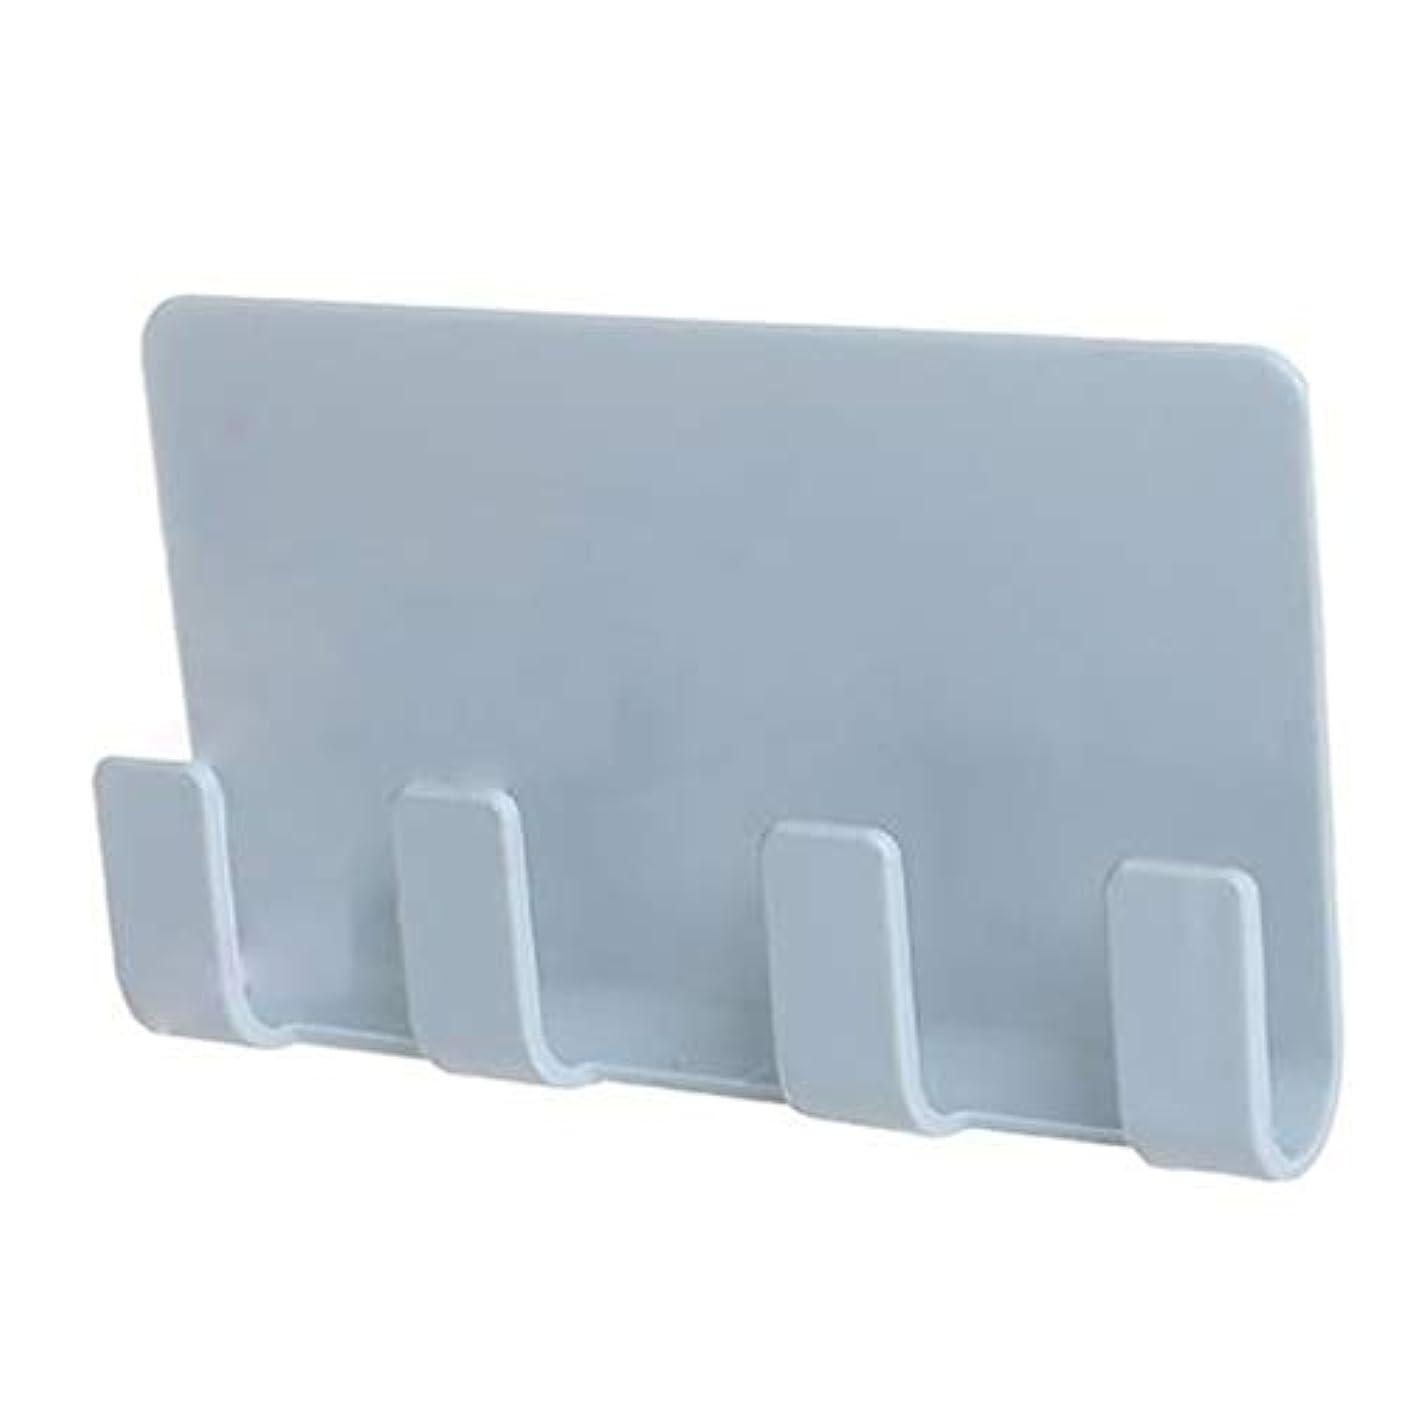 取り囲むアドバイス楕円形壁はルーム傘ステッカーウォールリビングマルチフレームをハンギングステッカー歯ブラシホルダー歯磨き粉をマウント